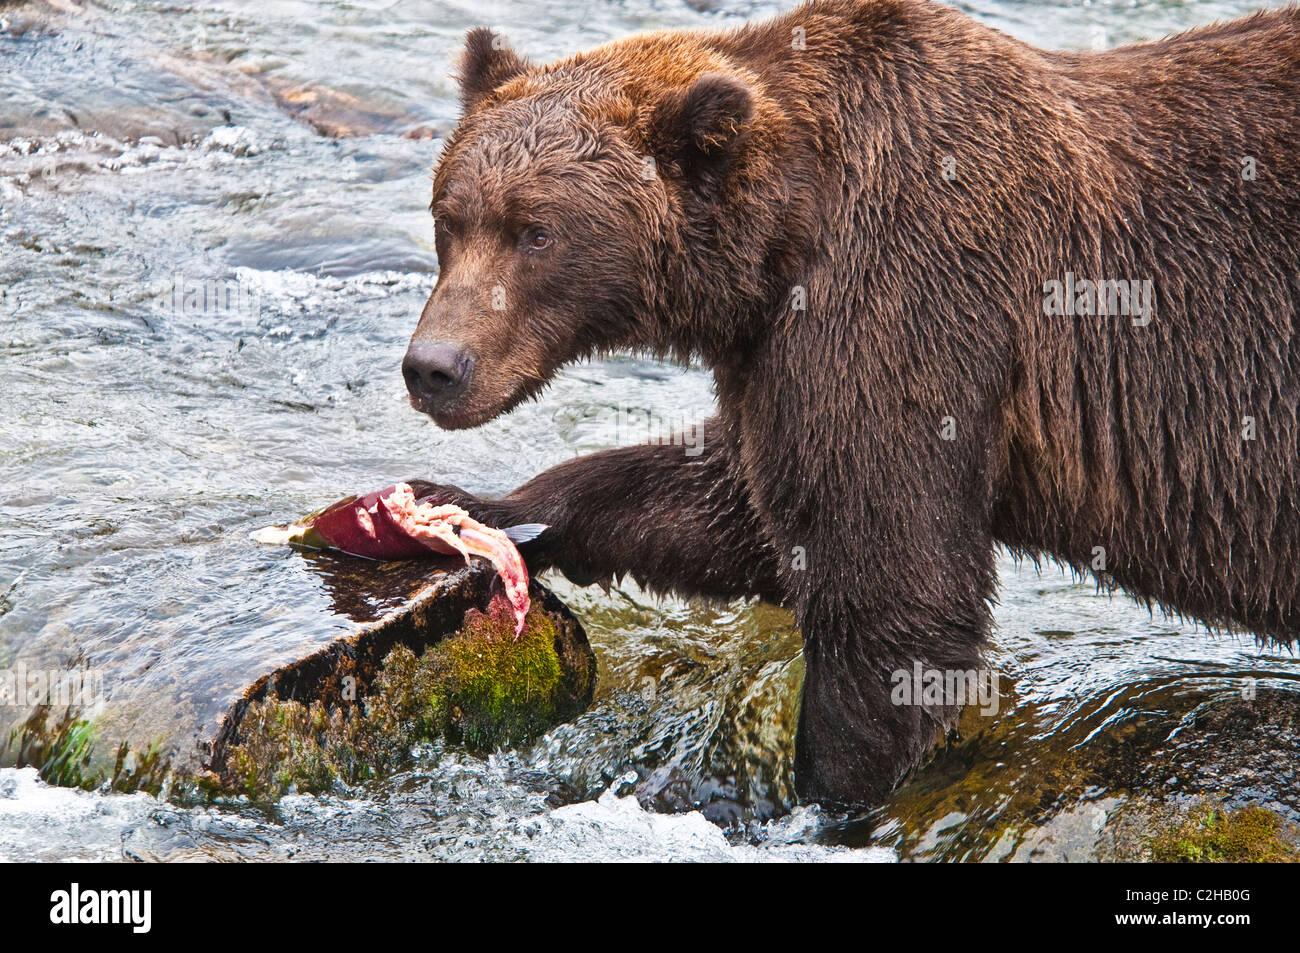 Grizzly Bear, Ursus arctos horriblis, catching Salmon, Brooks River, Katmai National Park, Alaska, USA Stock Photo